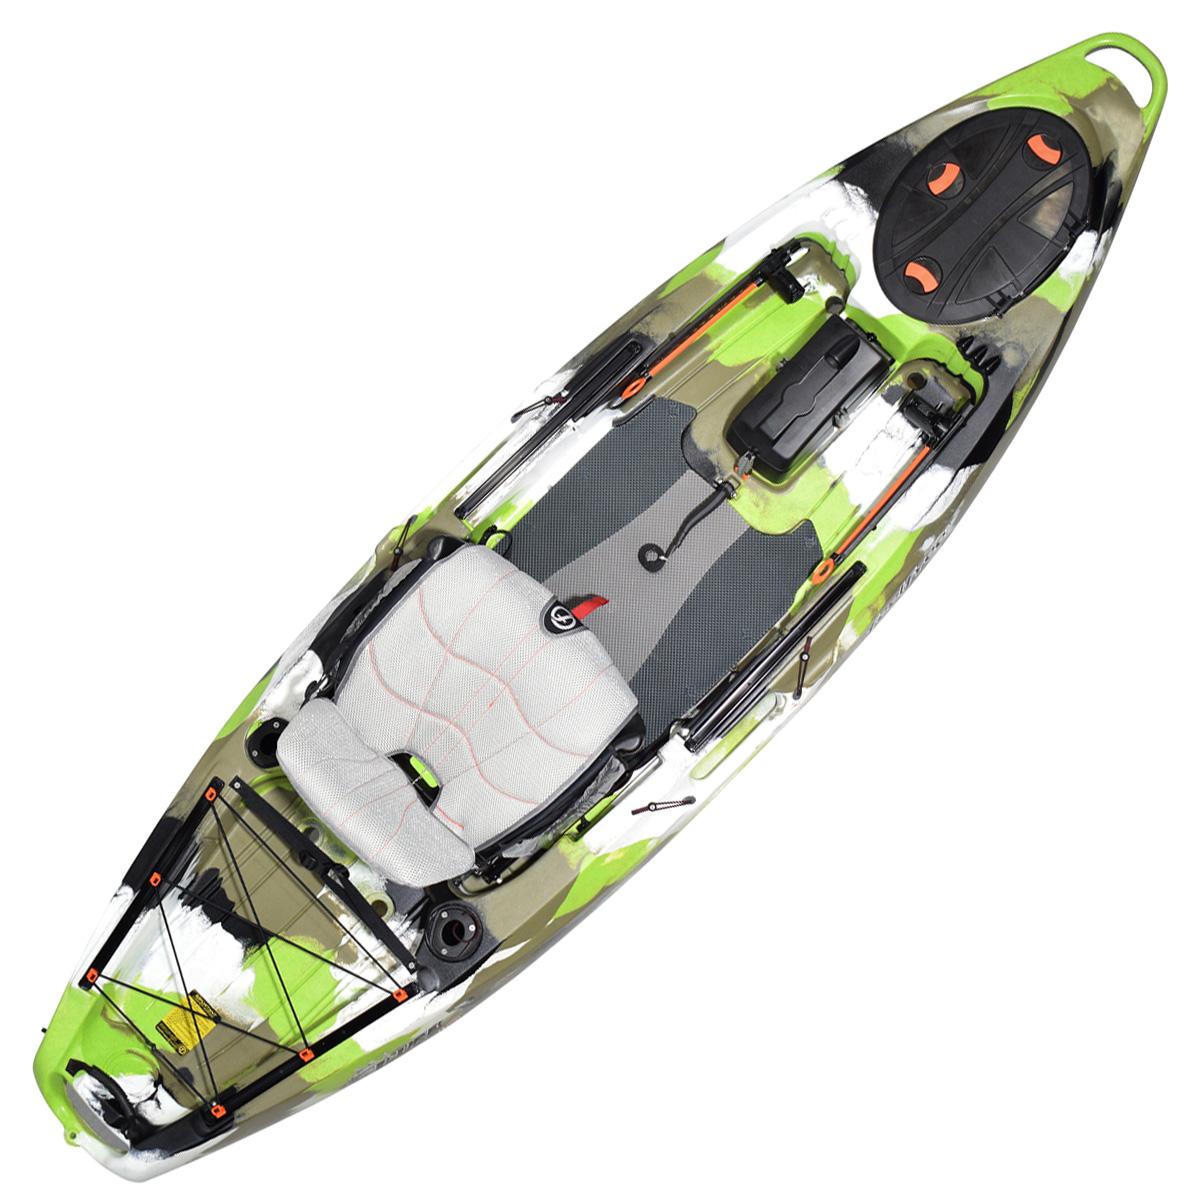 Feelfree Lure 10 Fishing Kayak Lime